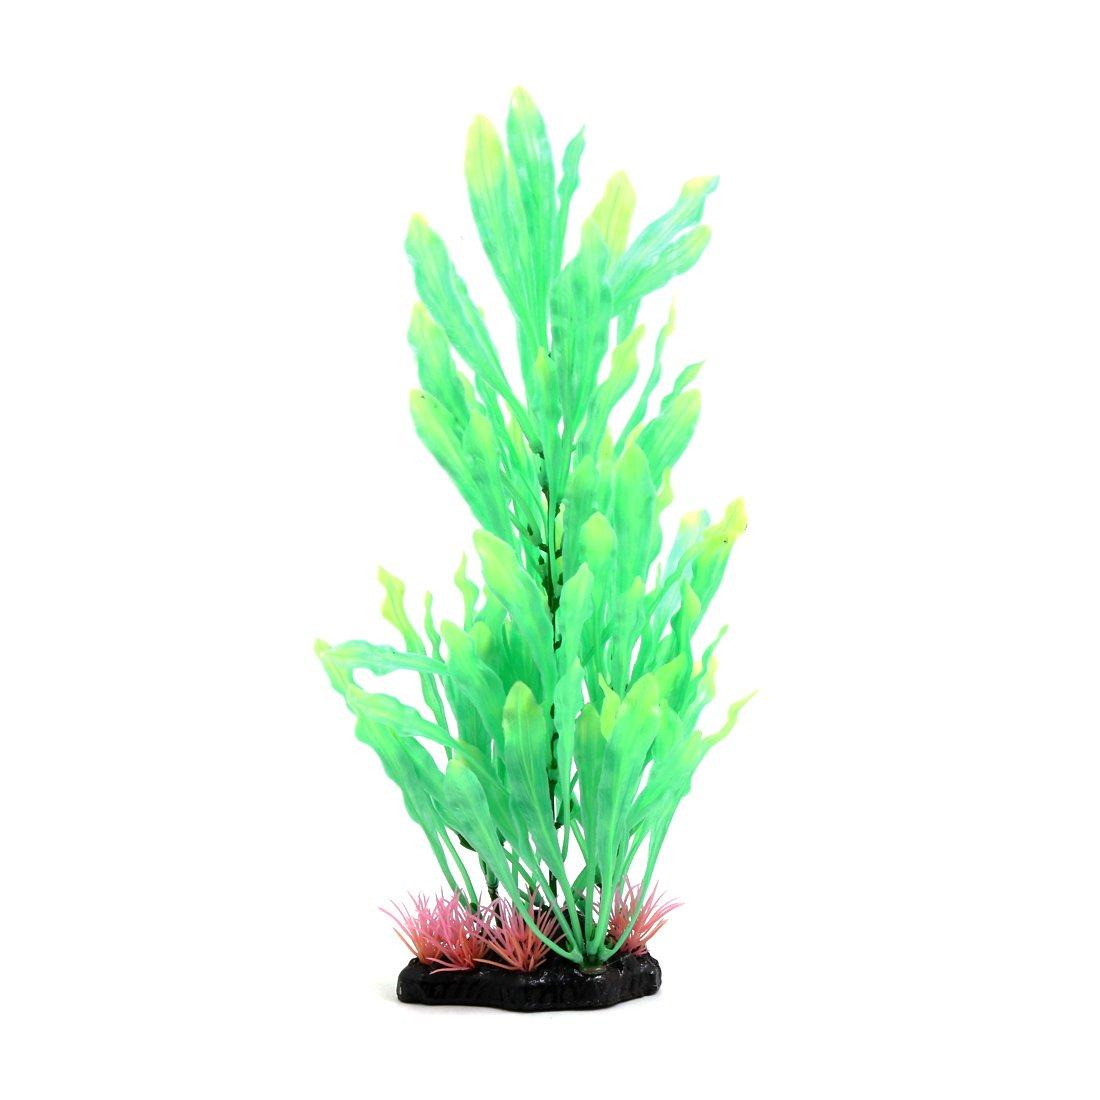 Uxcell® Green Plastic Seaweed Aquarium Fish Tank Terrarium Plant Ornament Reptiles Habitat Decor w Ceramic Base